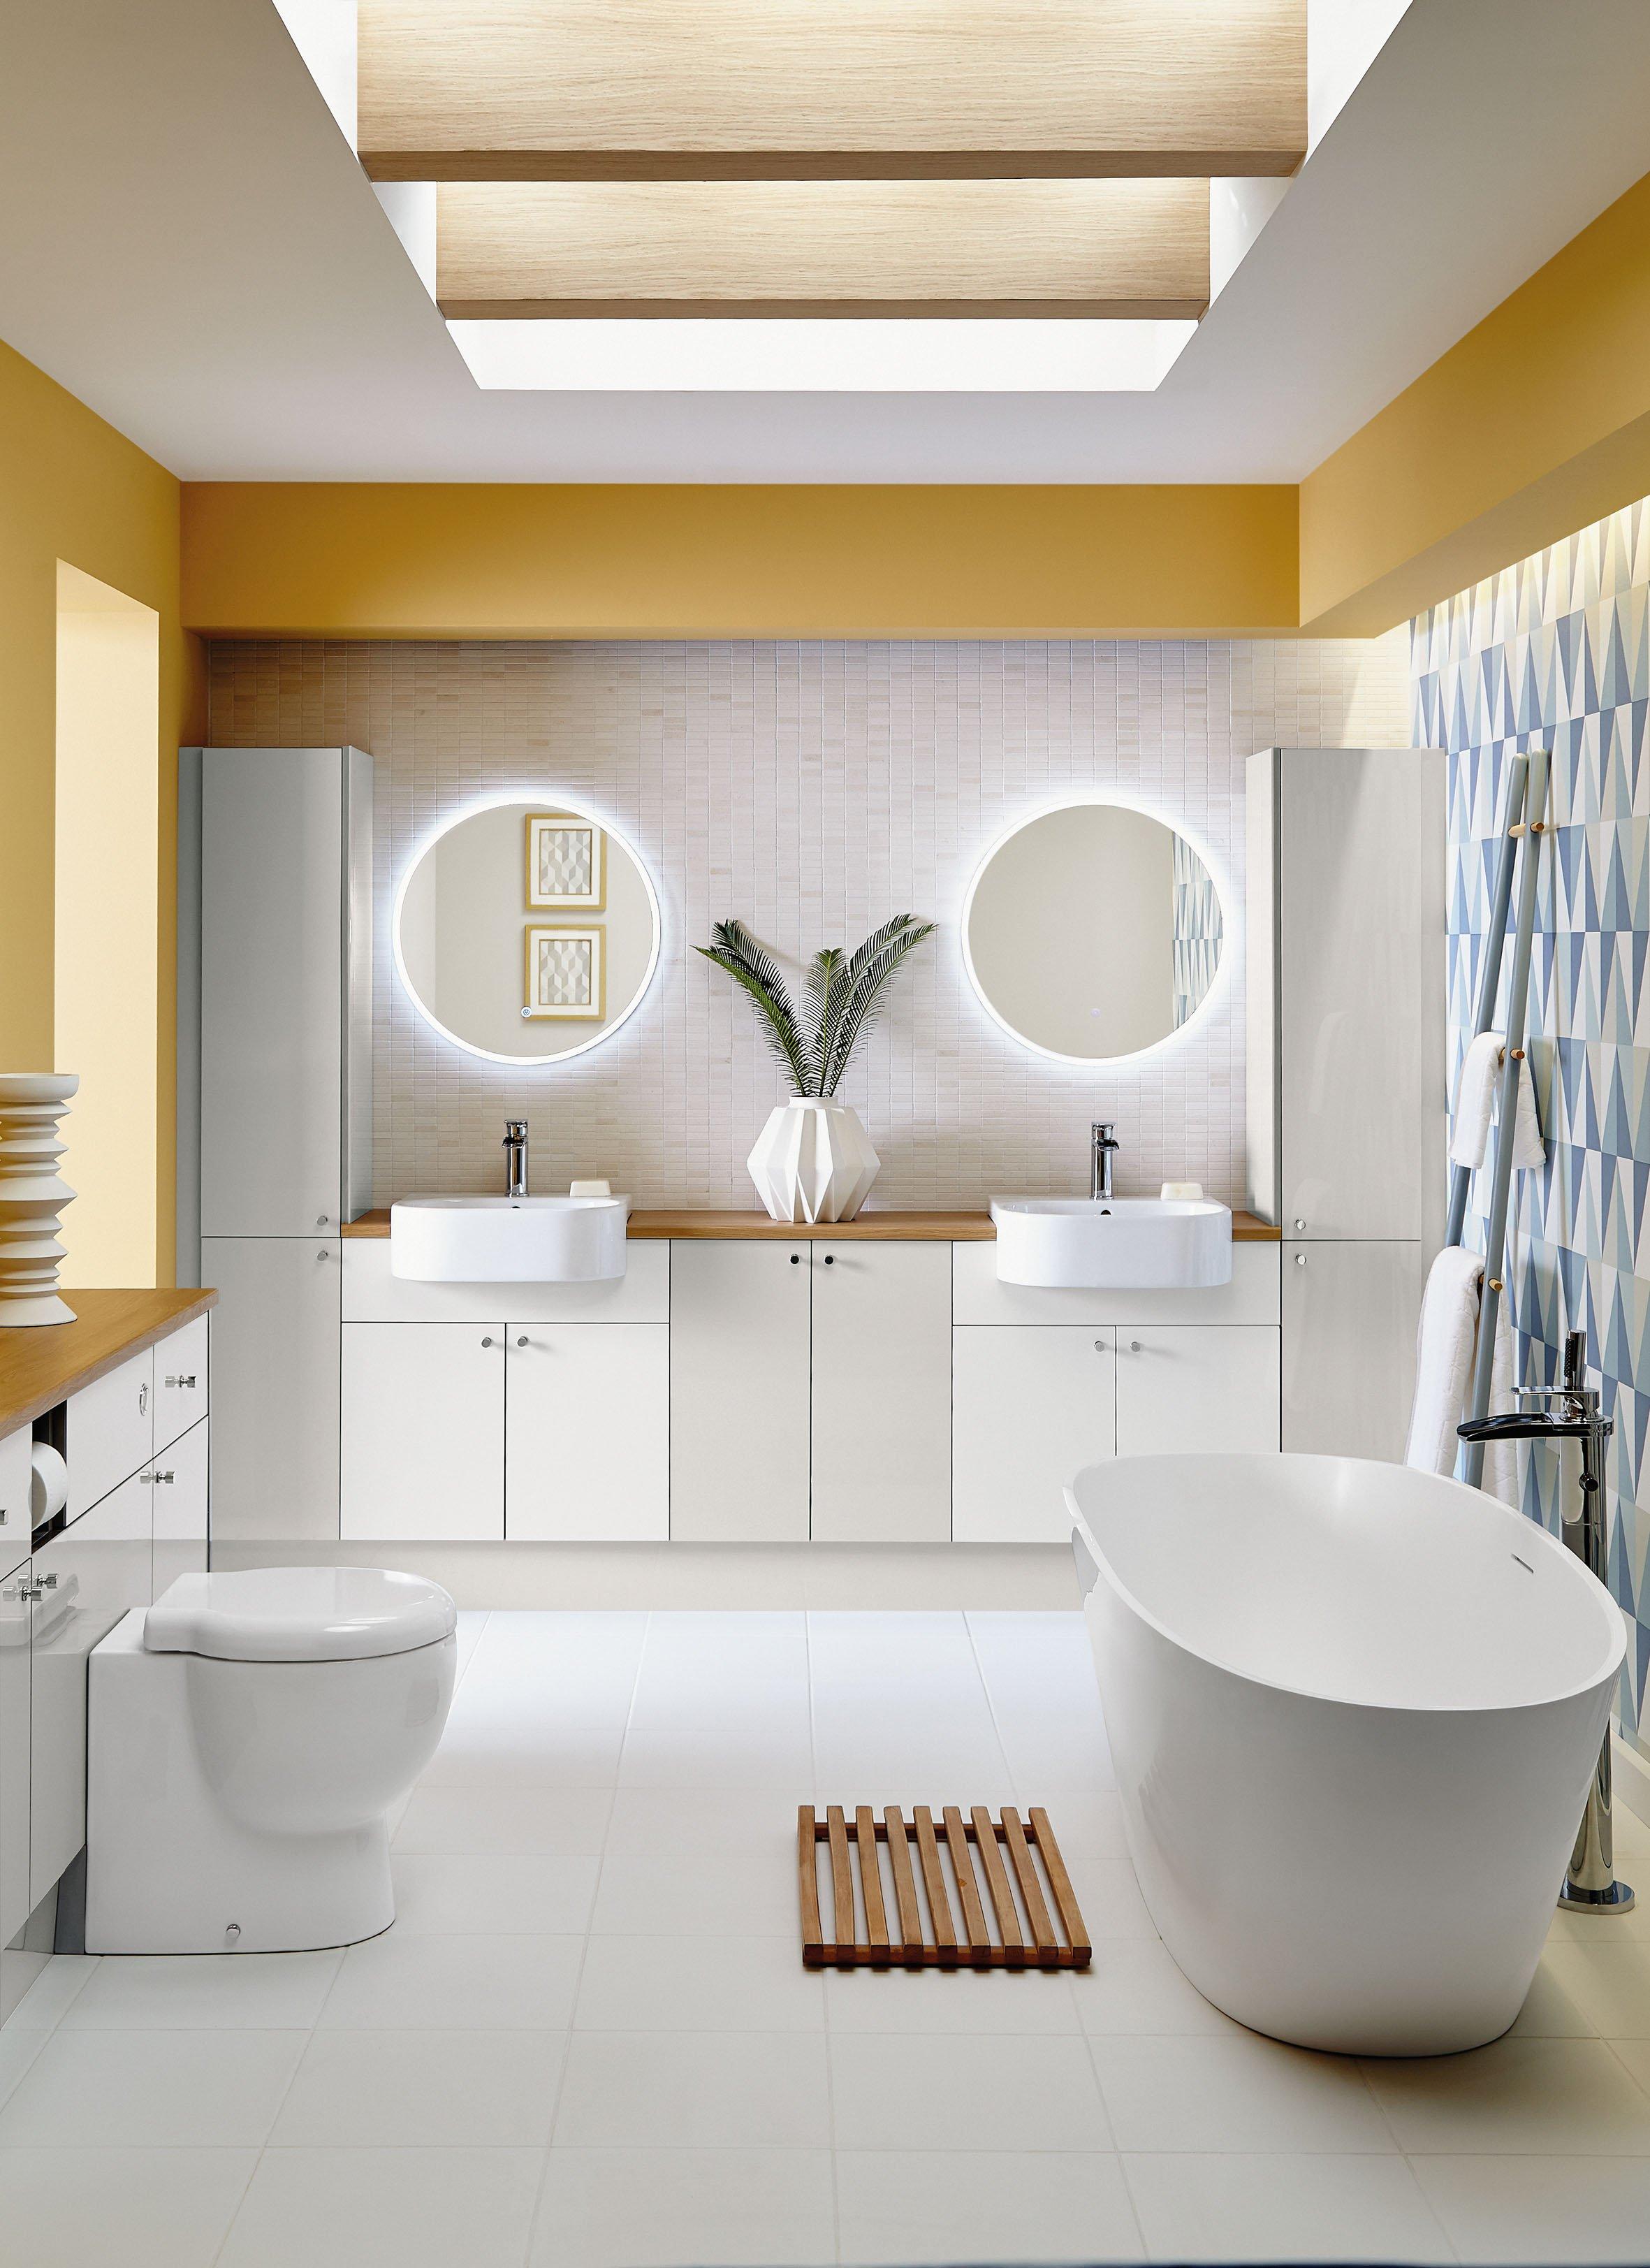 Colour Schemes: Design Ideas for a Yellow Bathroom